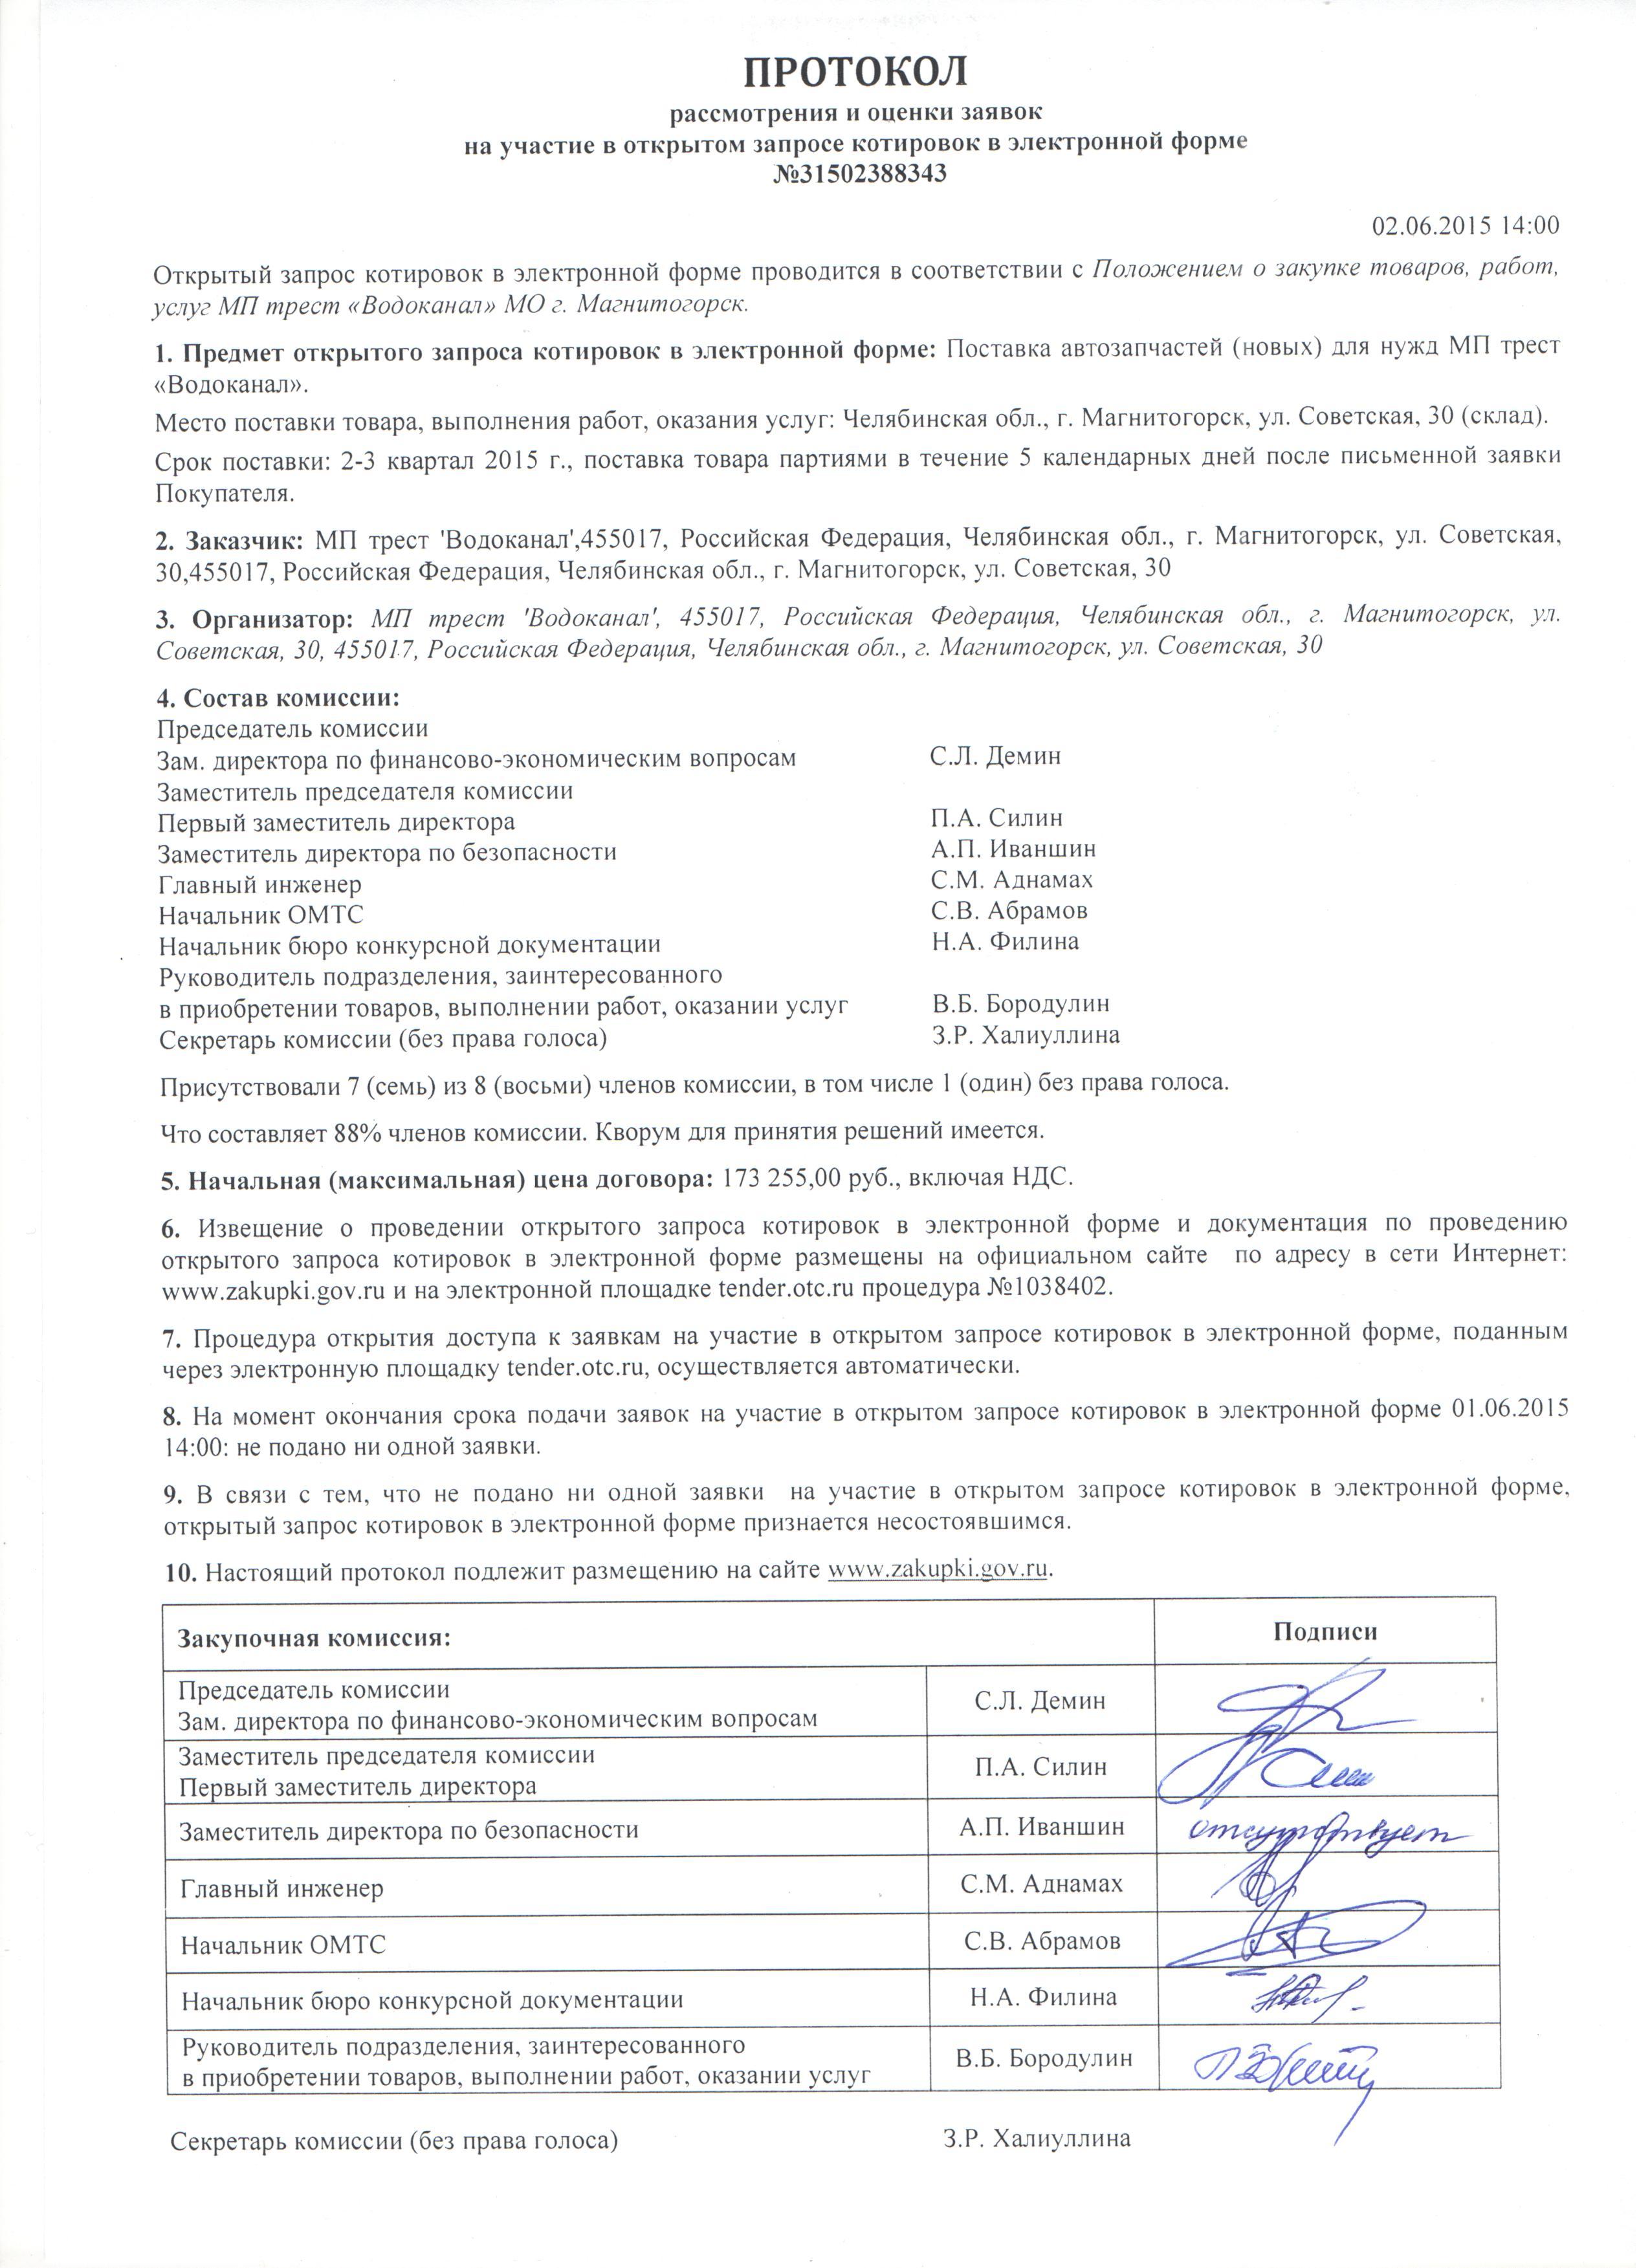 Протокол рассмотрения и оценки заявок на участие в закрытом конкурсе